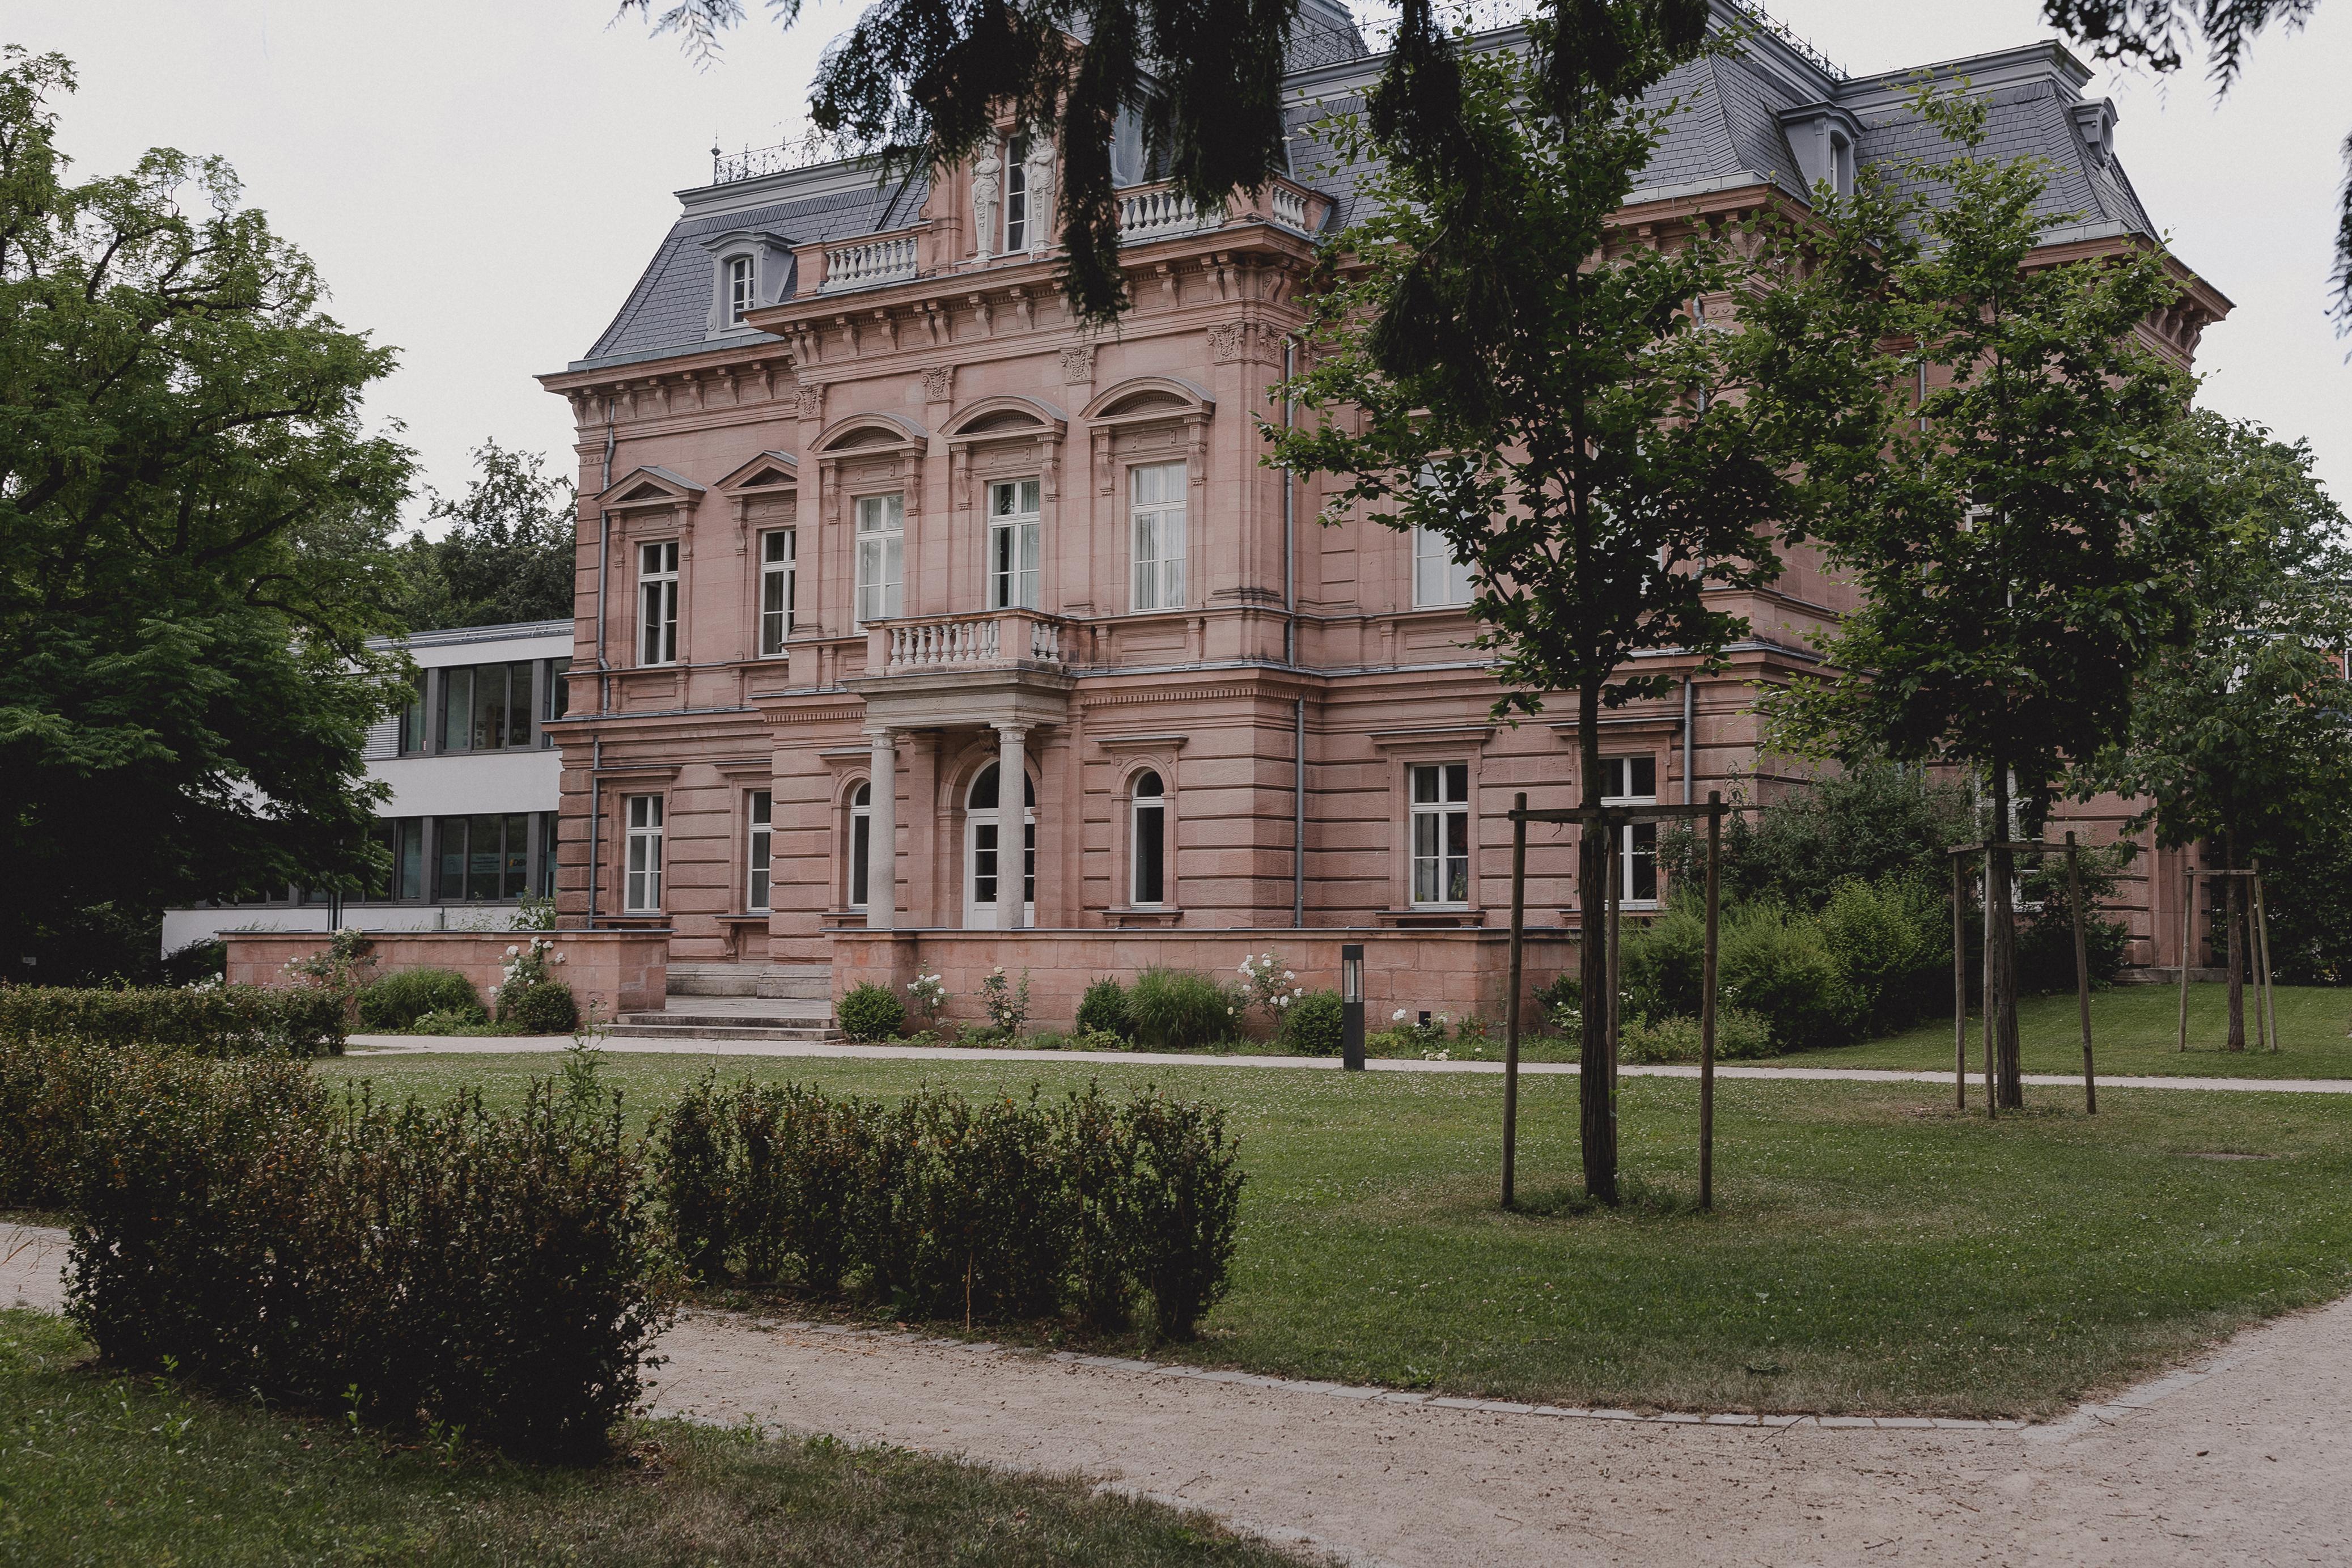 URBANERIE_Daniela_Goth_Vintage_Hochzeitsfotografin_Nuernberg_Fuerth_Erlangen_180609_0147